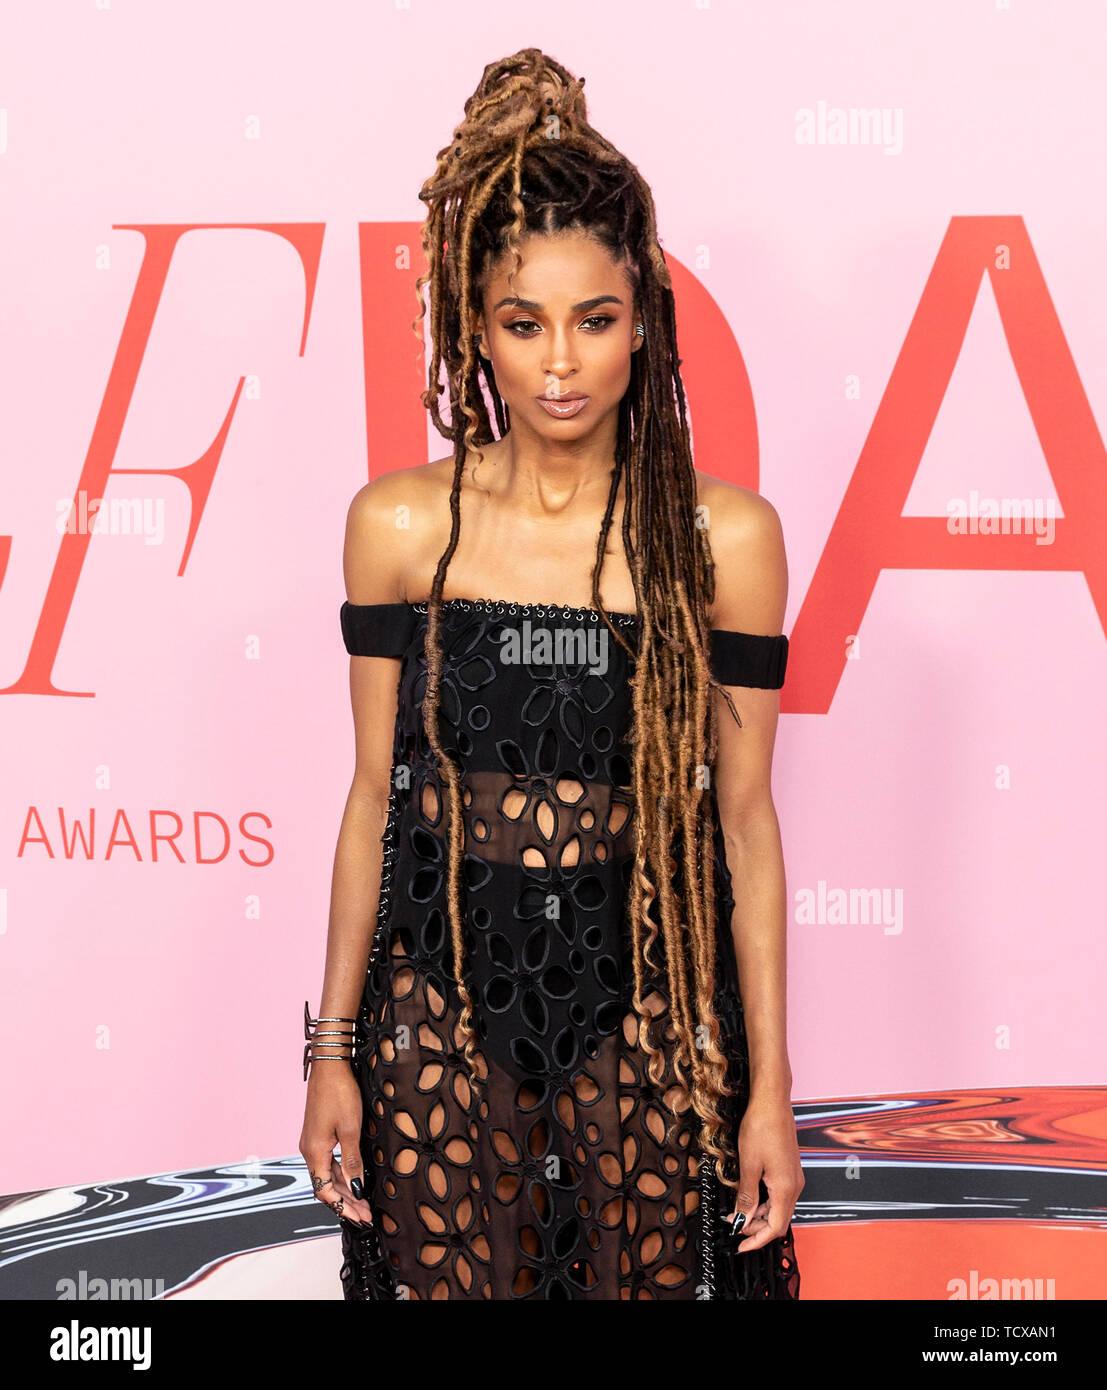 New York, NY - June 03, 2019: Ciara attends 2019 CFDA Fashion Awards at Brooklyn Museum - Stock Image